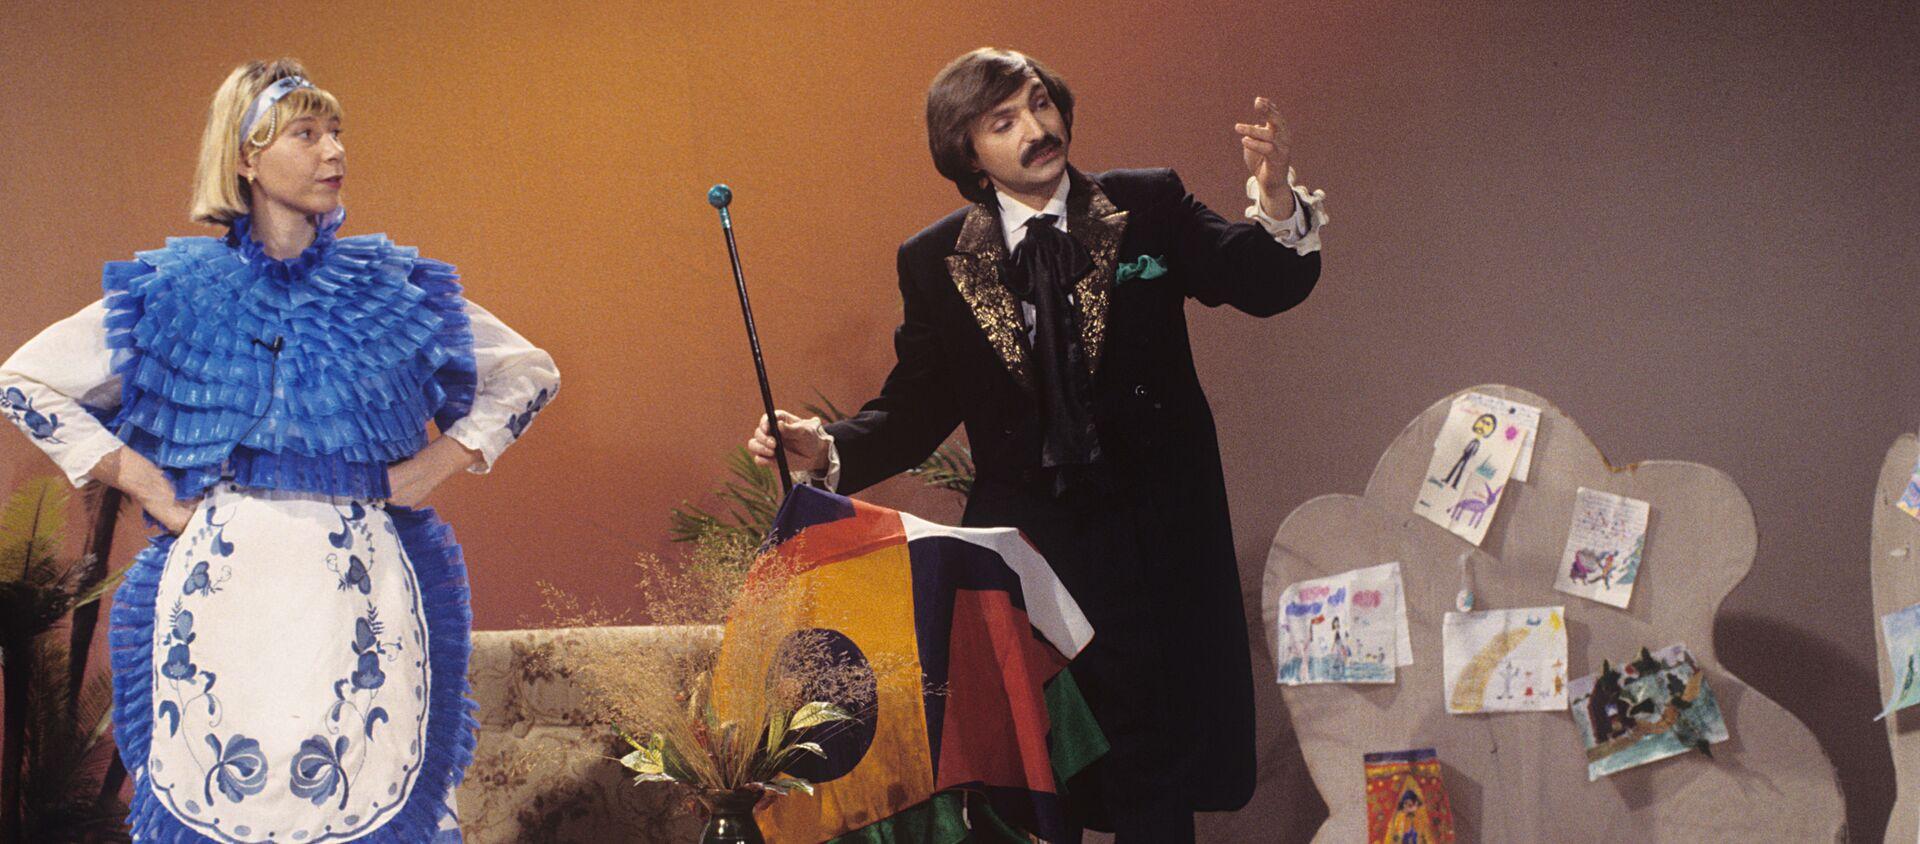 Амаяк Акопян на съемках телепередачи для детей Праздник каждый день (1 апреля 1994). Москвa - Sputnik Արմենիա, 1920, 12.07.2021